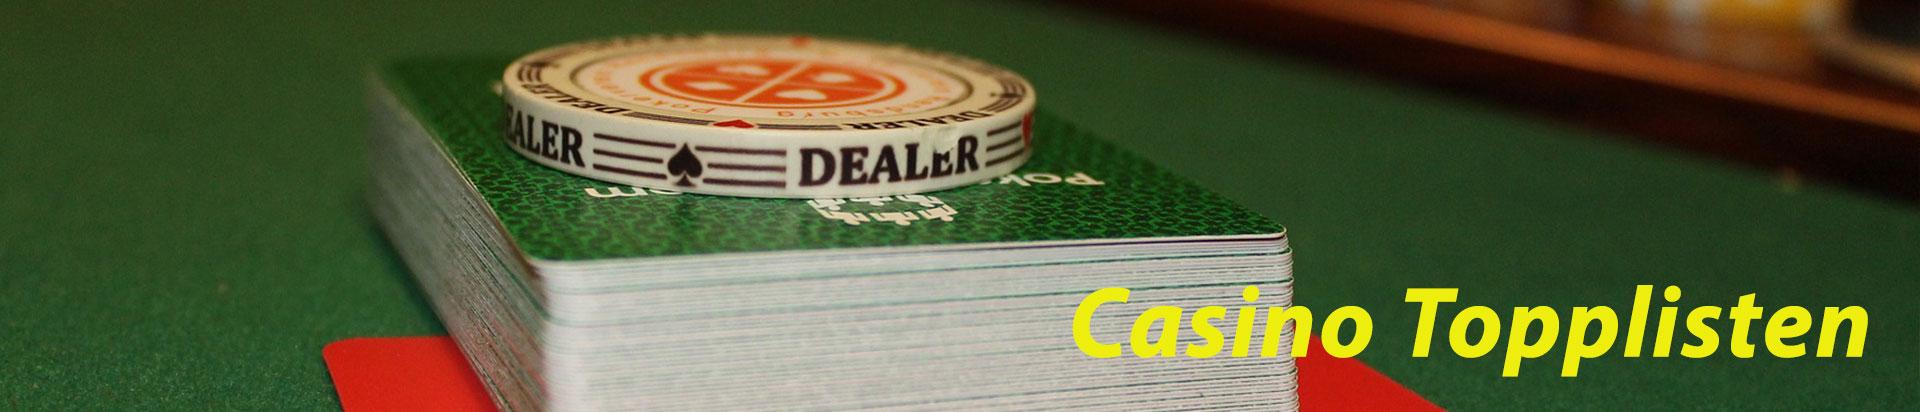 Casino-topplisten.com